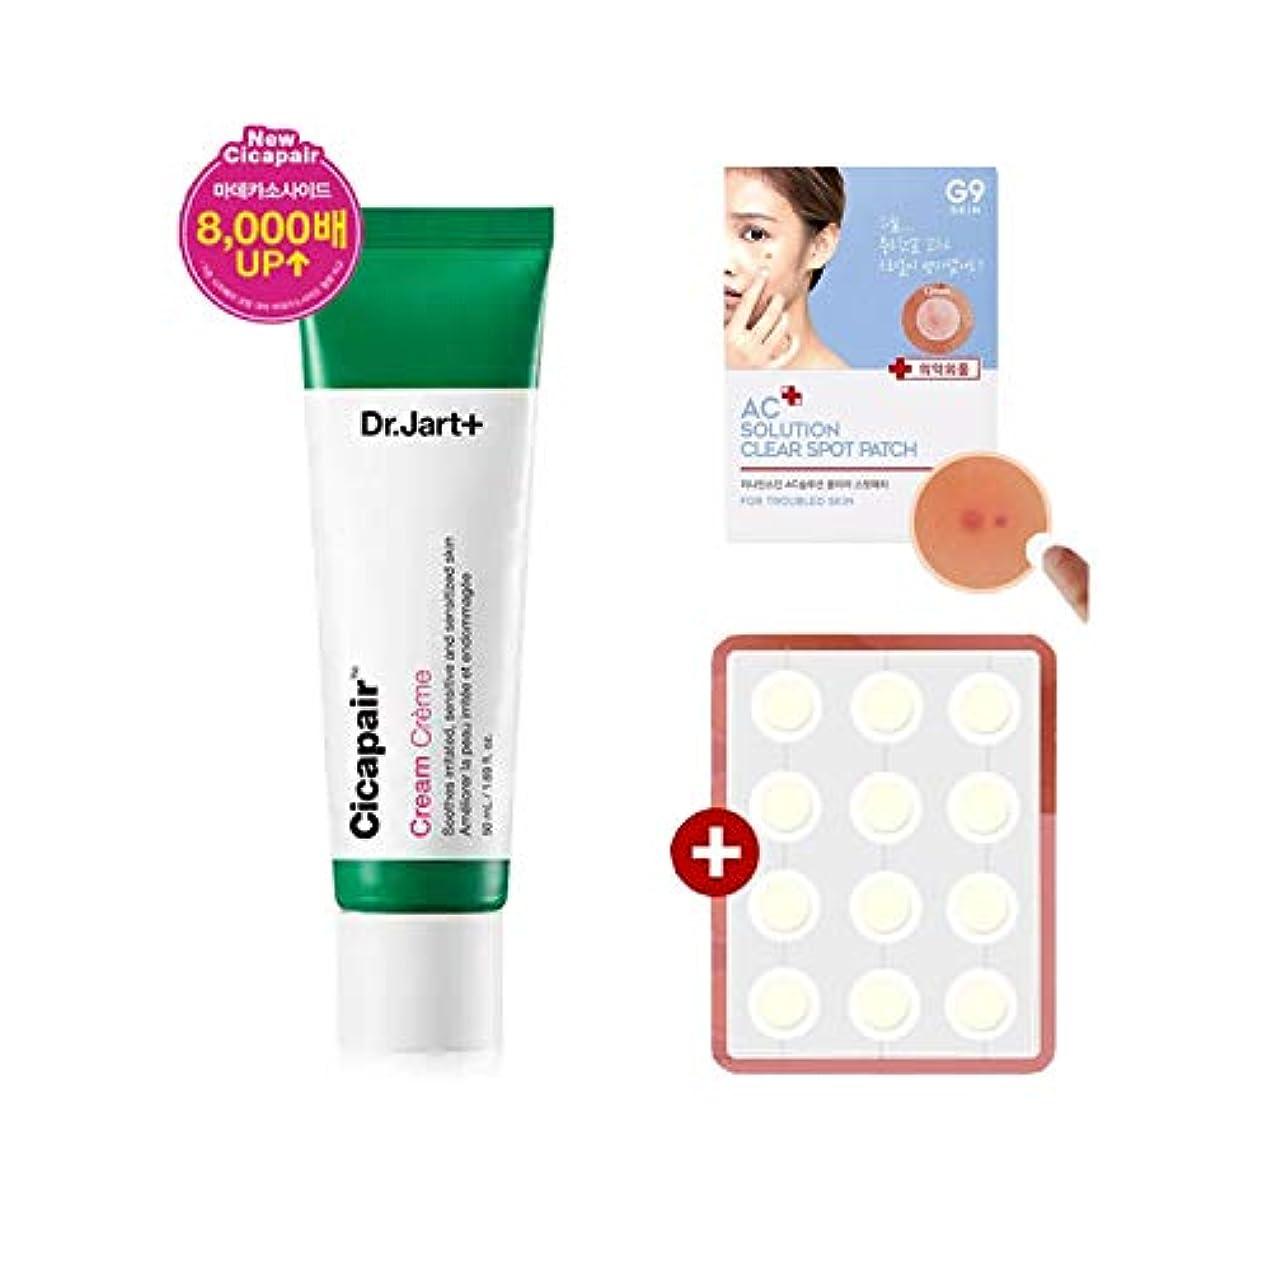 島立法ピック[リニューアル] Dr.Jart Cicapair Cream クリーム50ml(2代目)+ G9SKIN ACソリューションクリアパッチ 12枚 [並行輸入品]